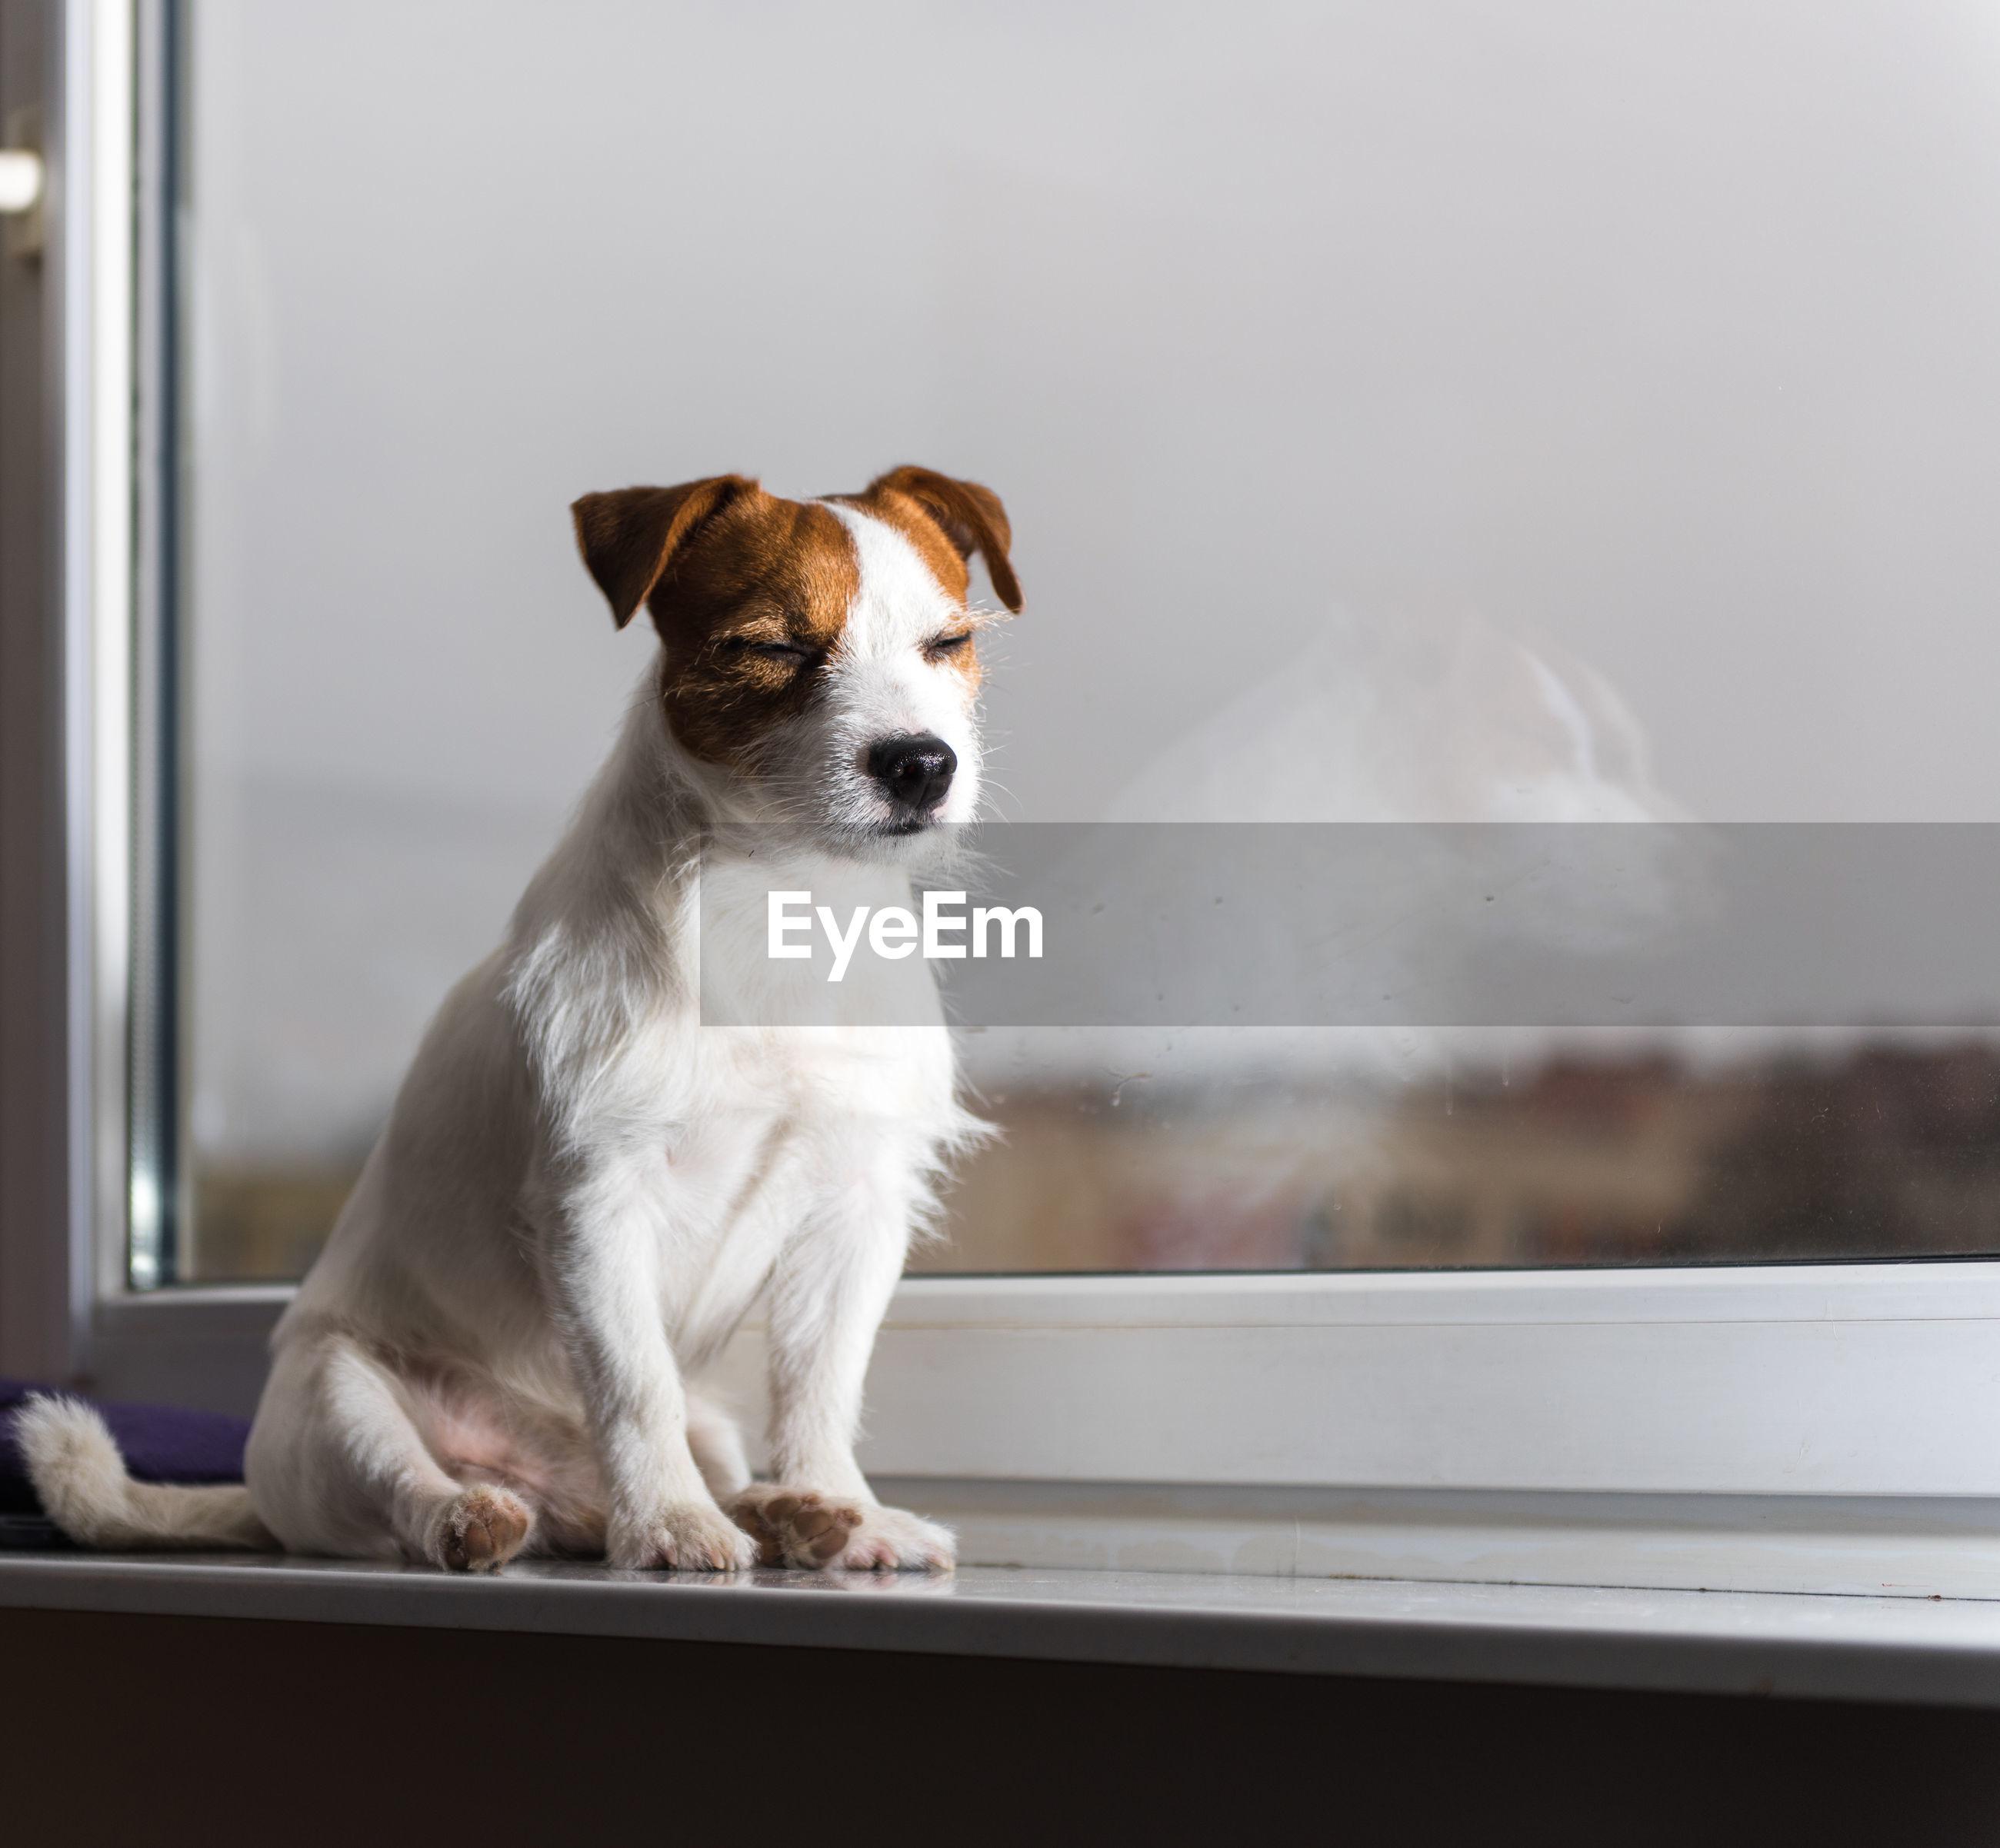 Dog sitting on window sill